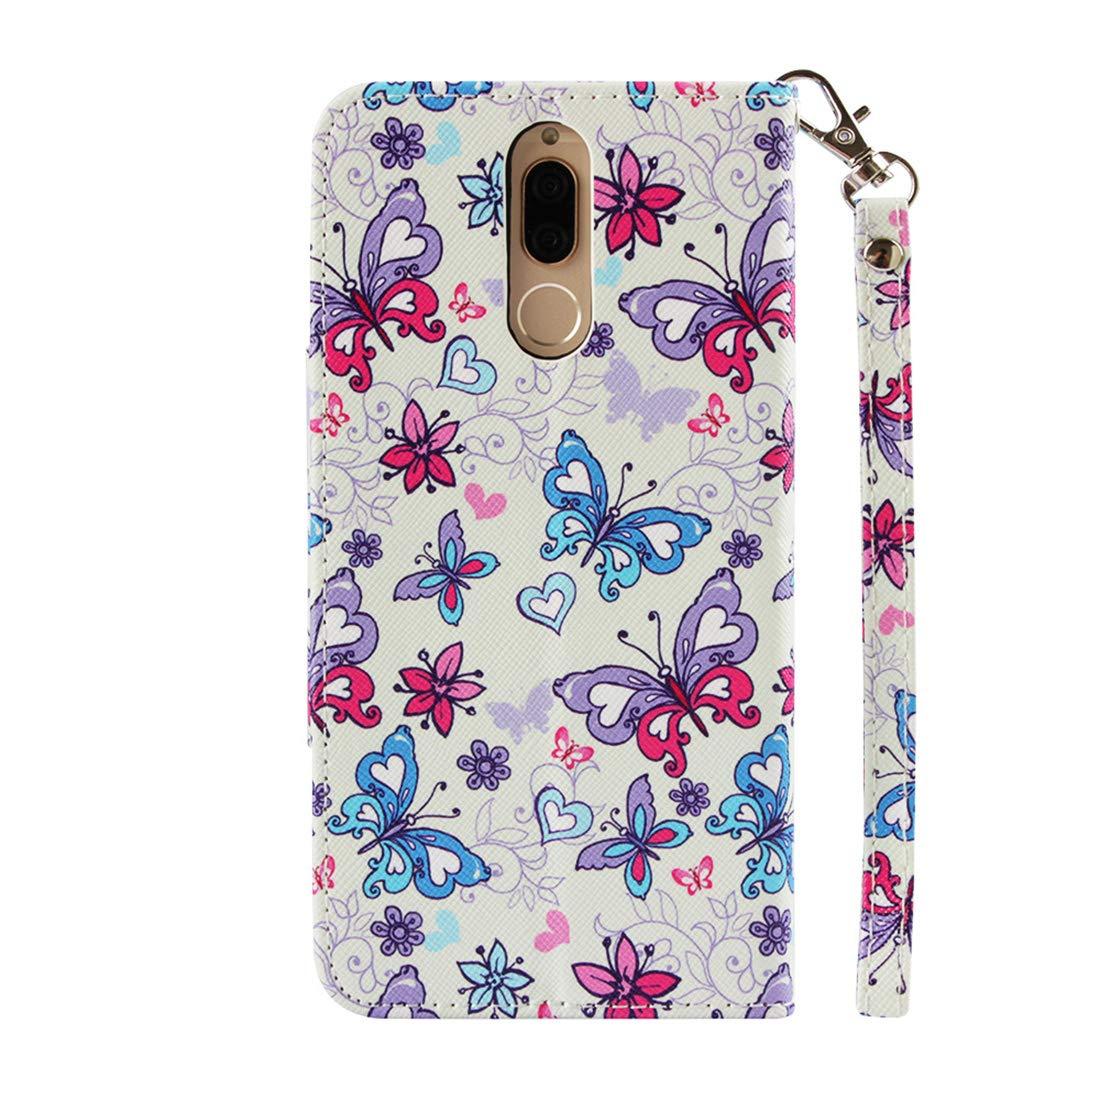 Lyzwn Coque Huawei Mate 10 Lite//Huawei Nova 2i Housse en Cuir PU Flip Coque Etui Wallet Case avec Support Cartes Slots Fermeture Aimant/ée pour Huawei Mate 10 Lite//Huawei Nova 2i Motif